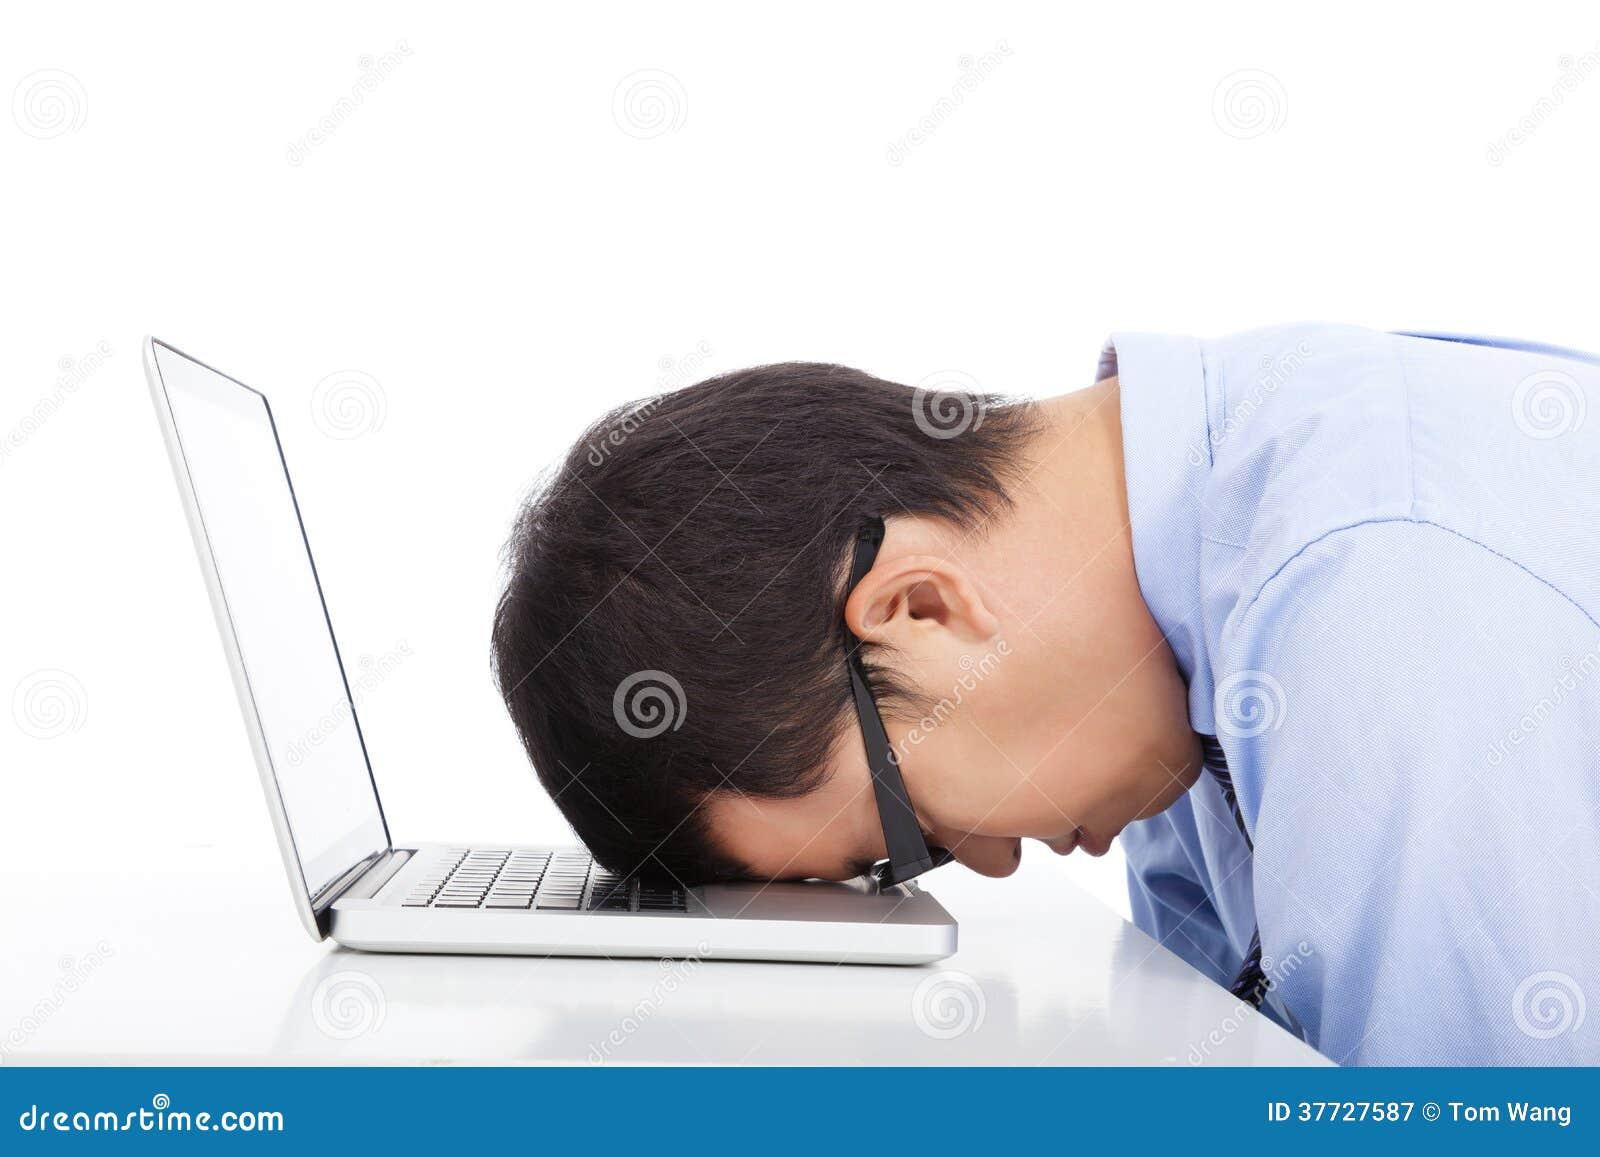 对睡着的年轻太商人劳累过度